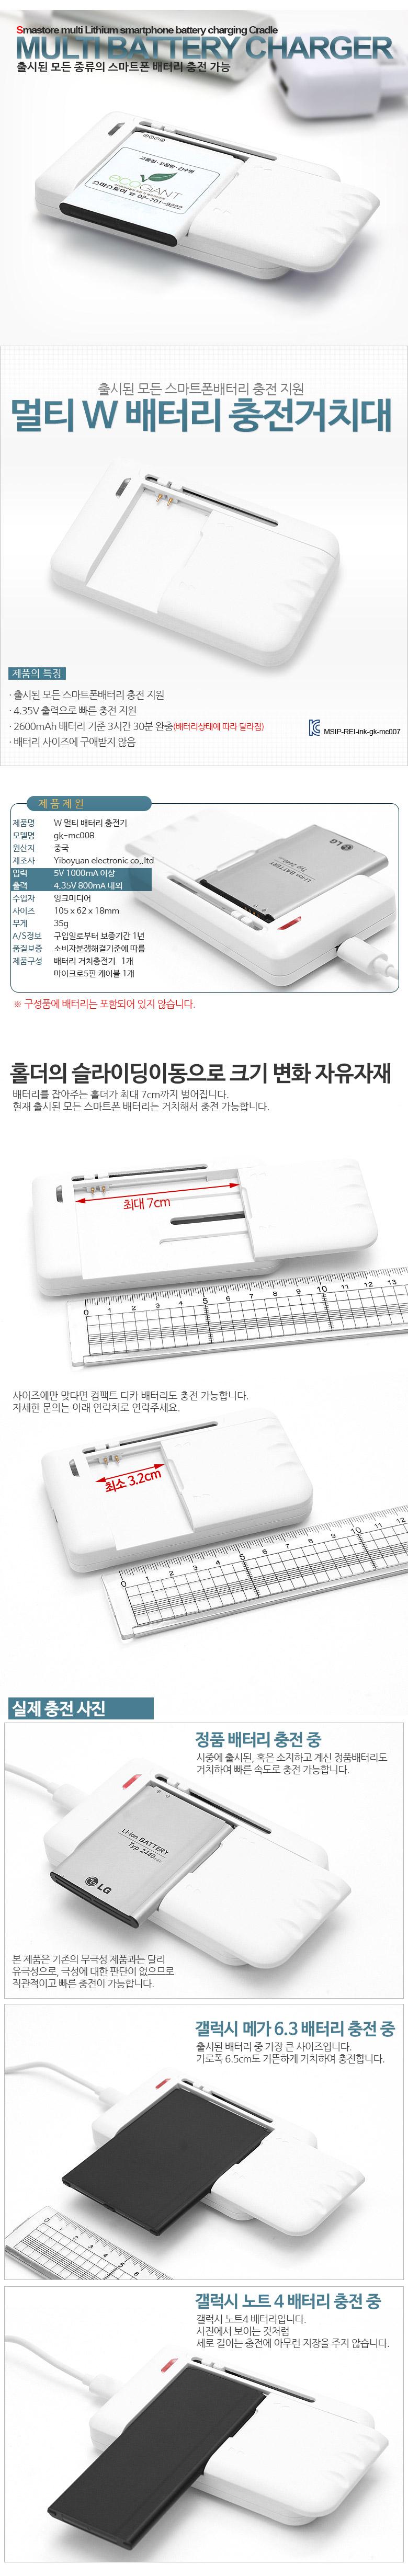 LG V20 멀티W 배터리충전기 배터리충전거치대 - 유바오, 10,900원, 충전기, 일체형충전기